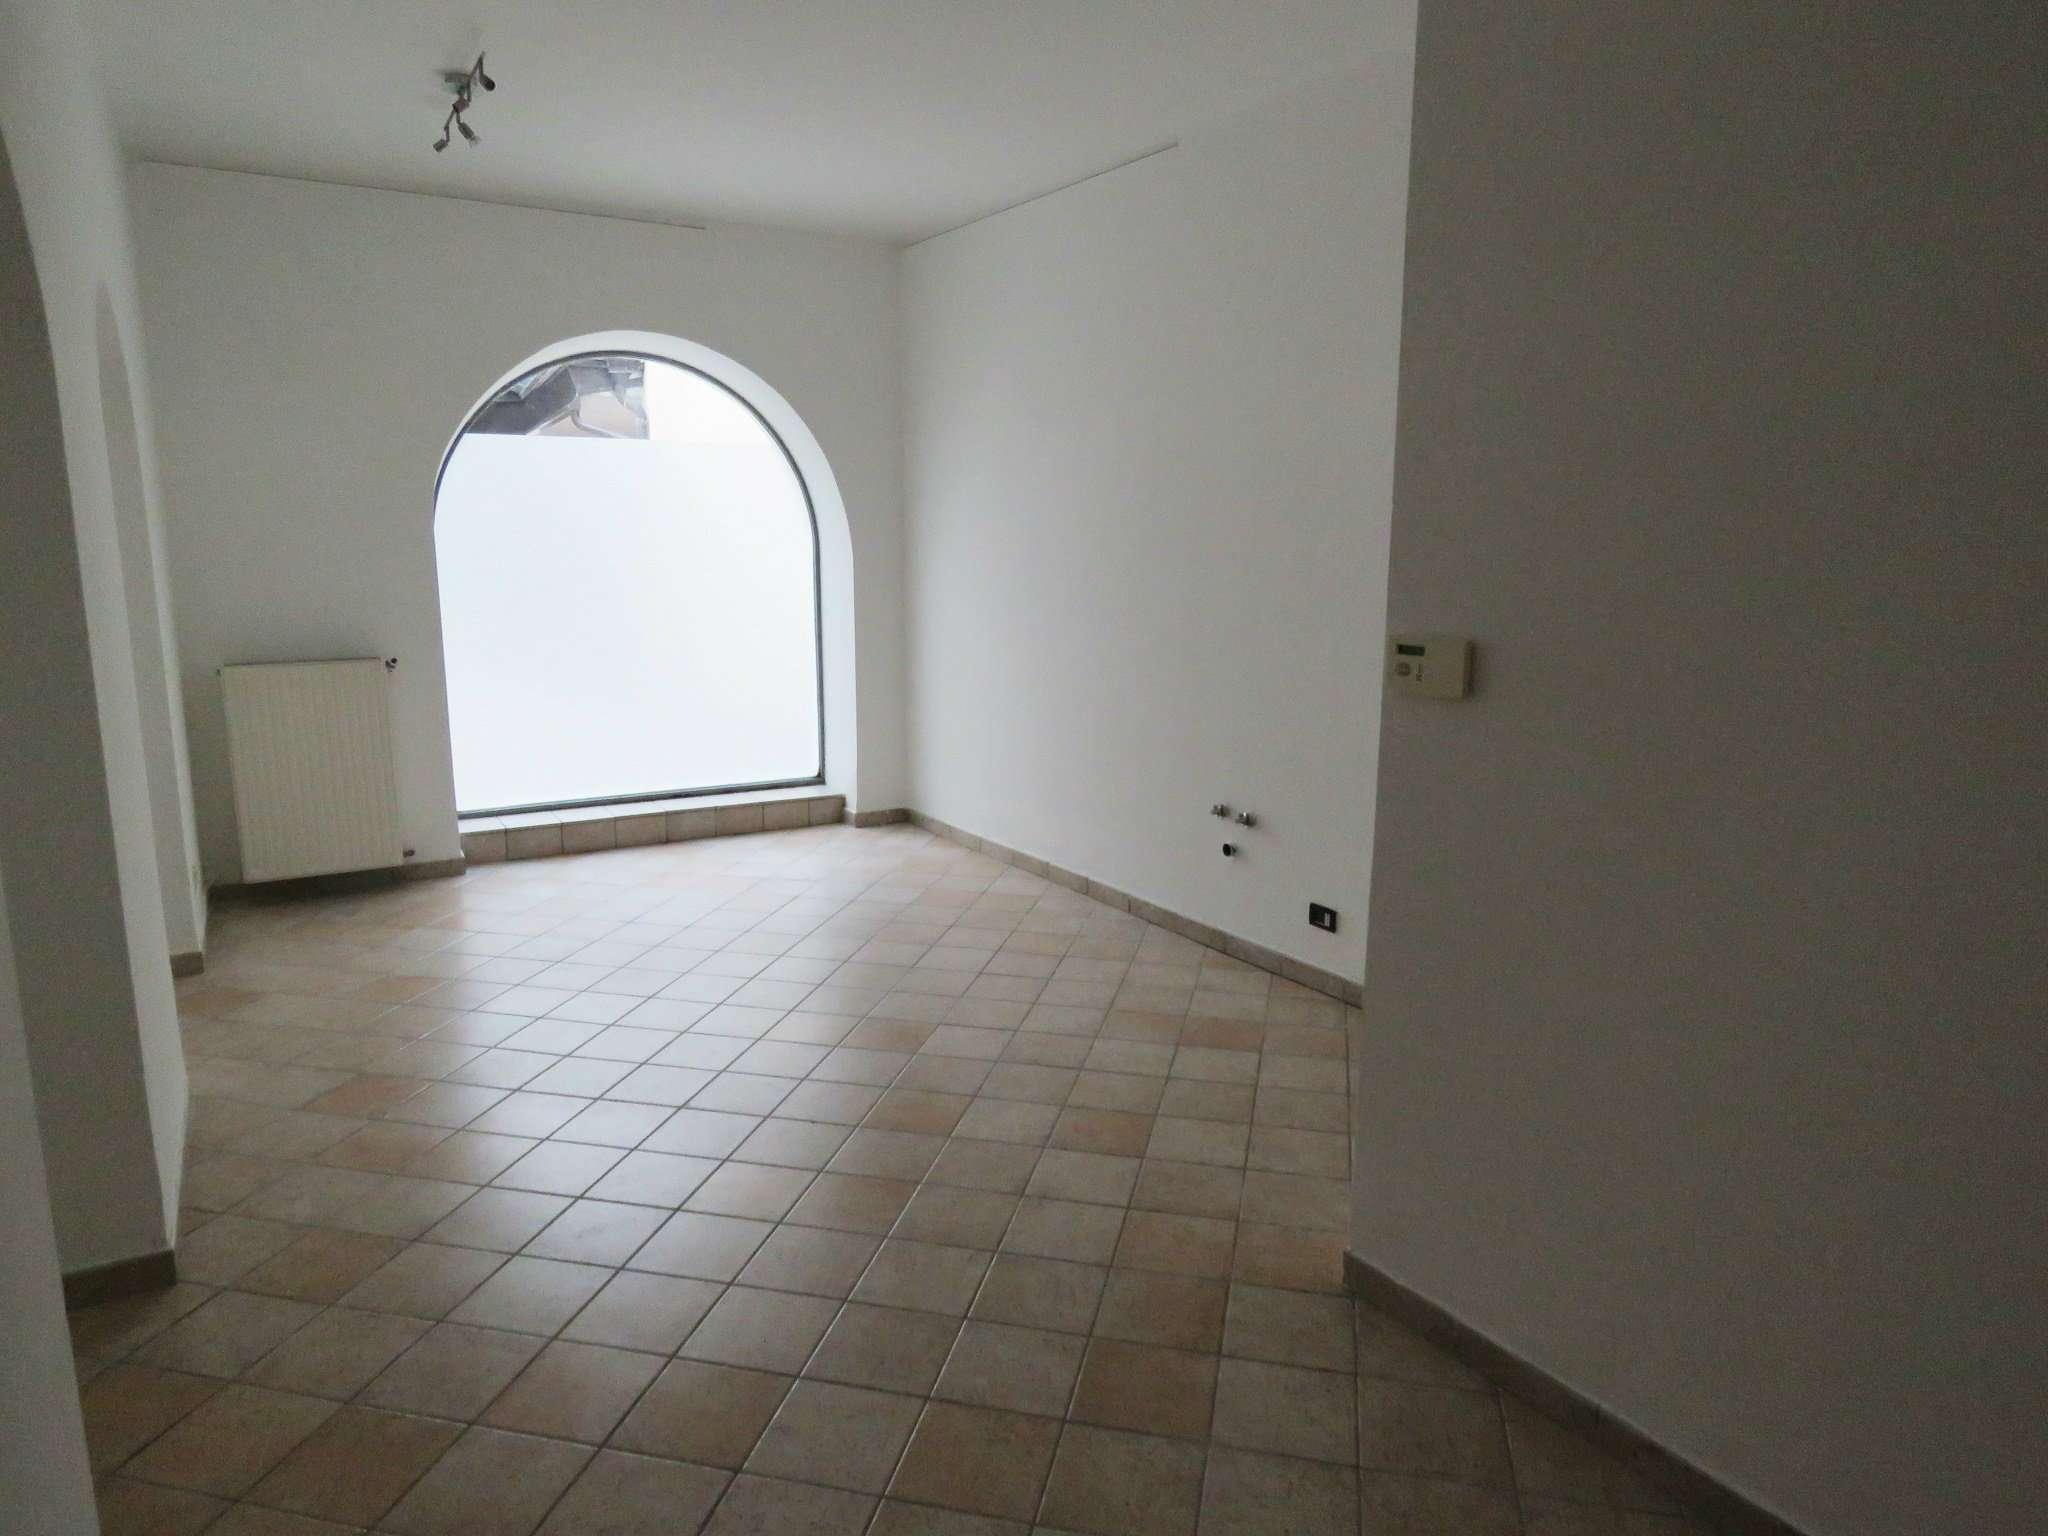 Ufficio / Studio in vendita a Merano, 2 locali, prezzo € 140.000 | Cambio Casa.it